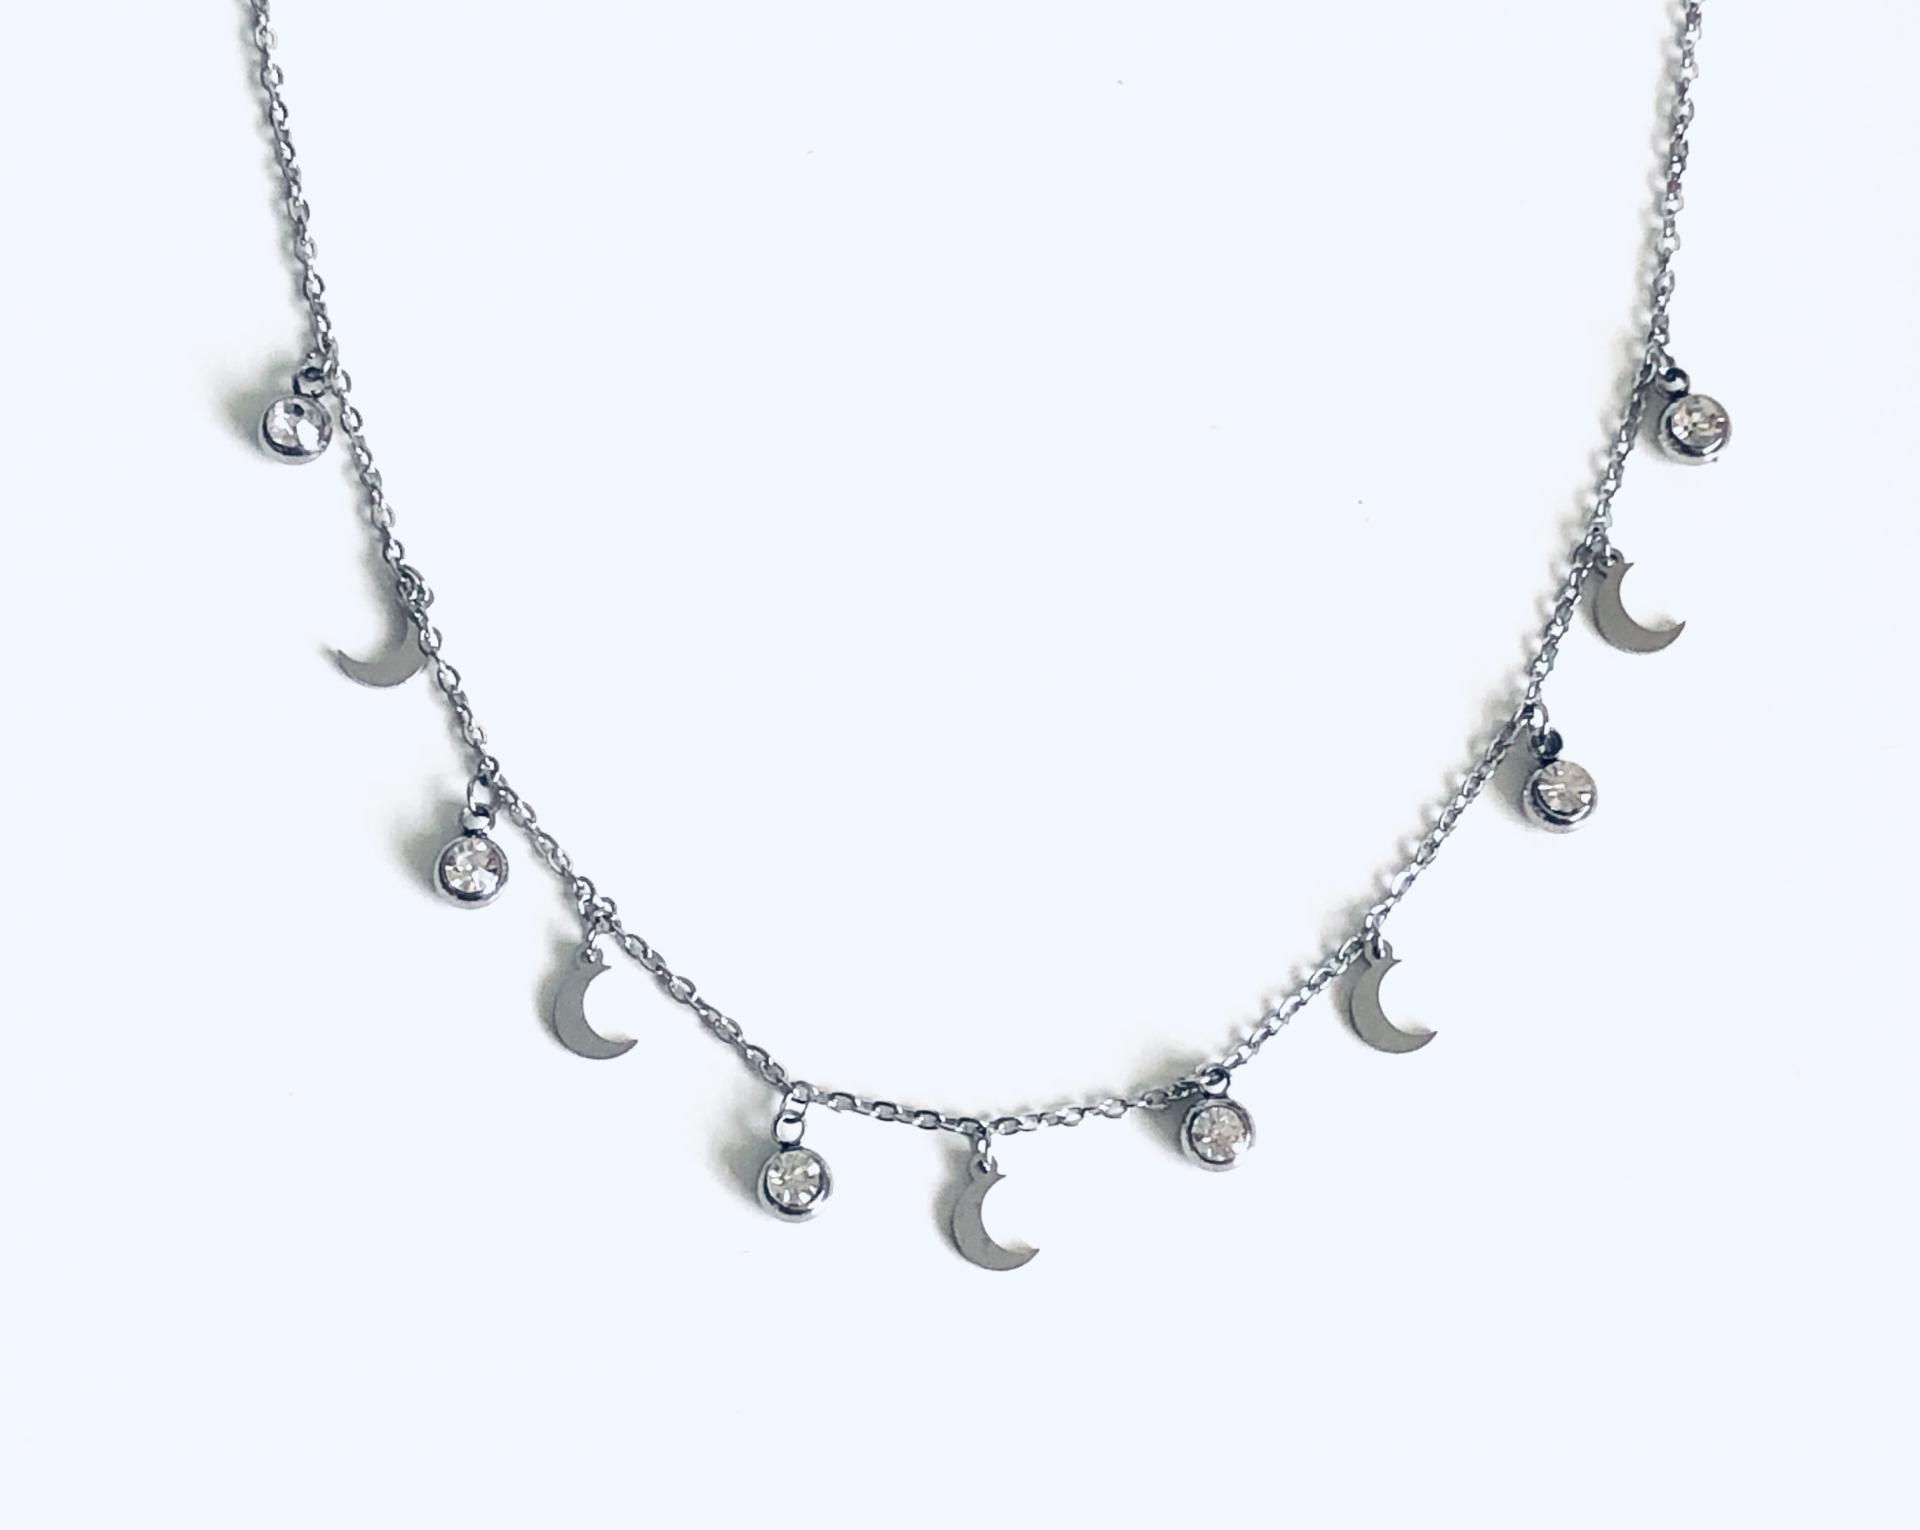 Collar de cadena con cristales y lunas